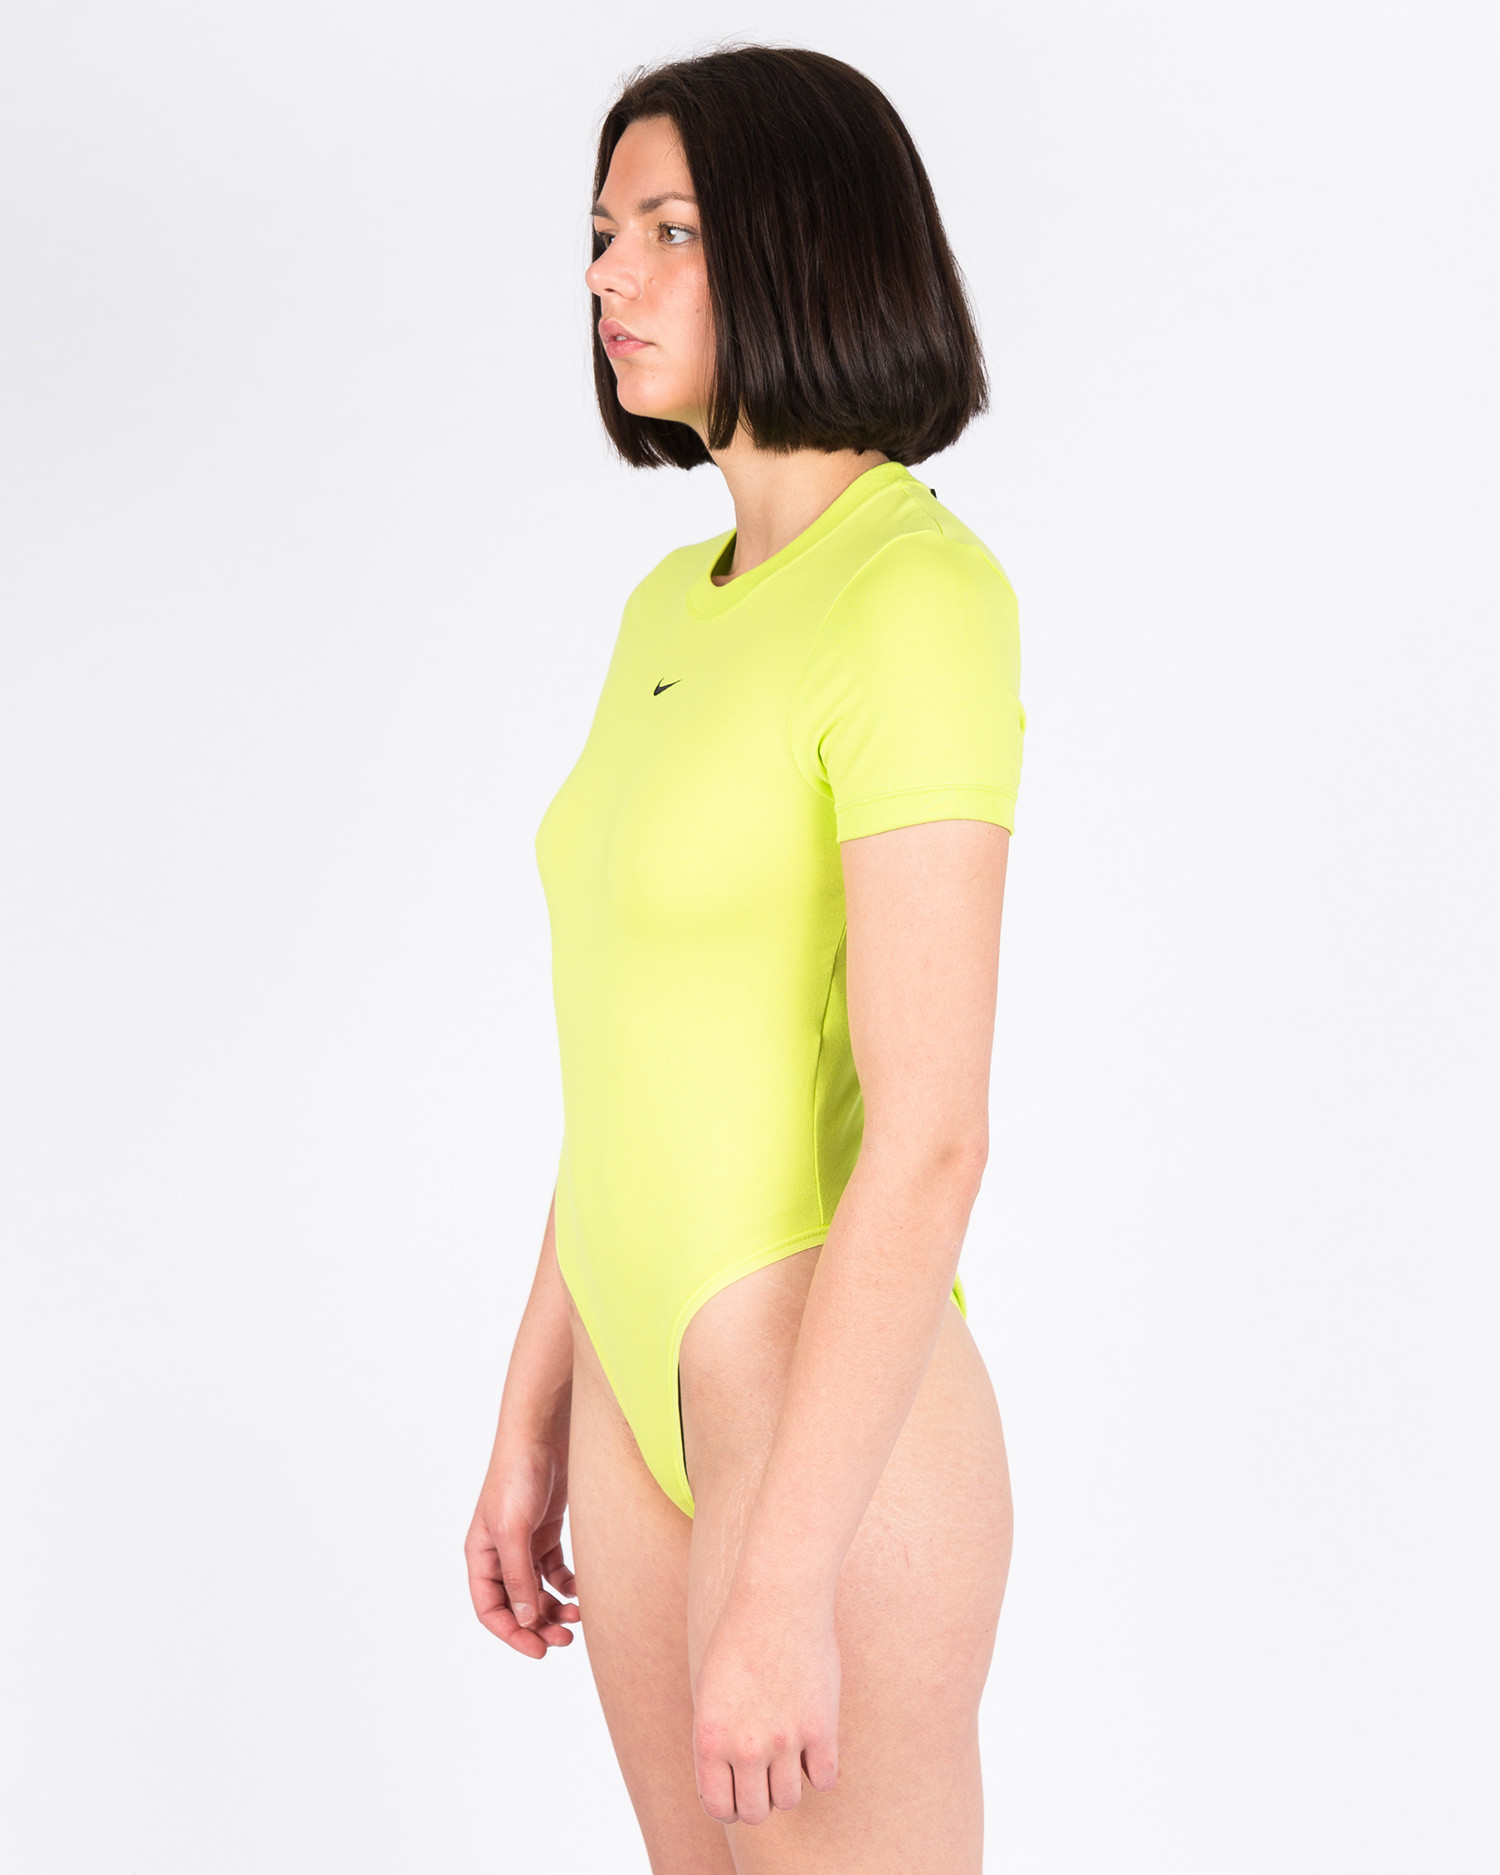 Nike Women's Sportswear Essential Bodysuit lbr Cyber/cyber/black